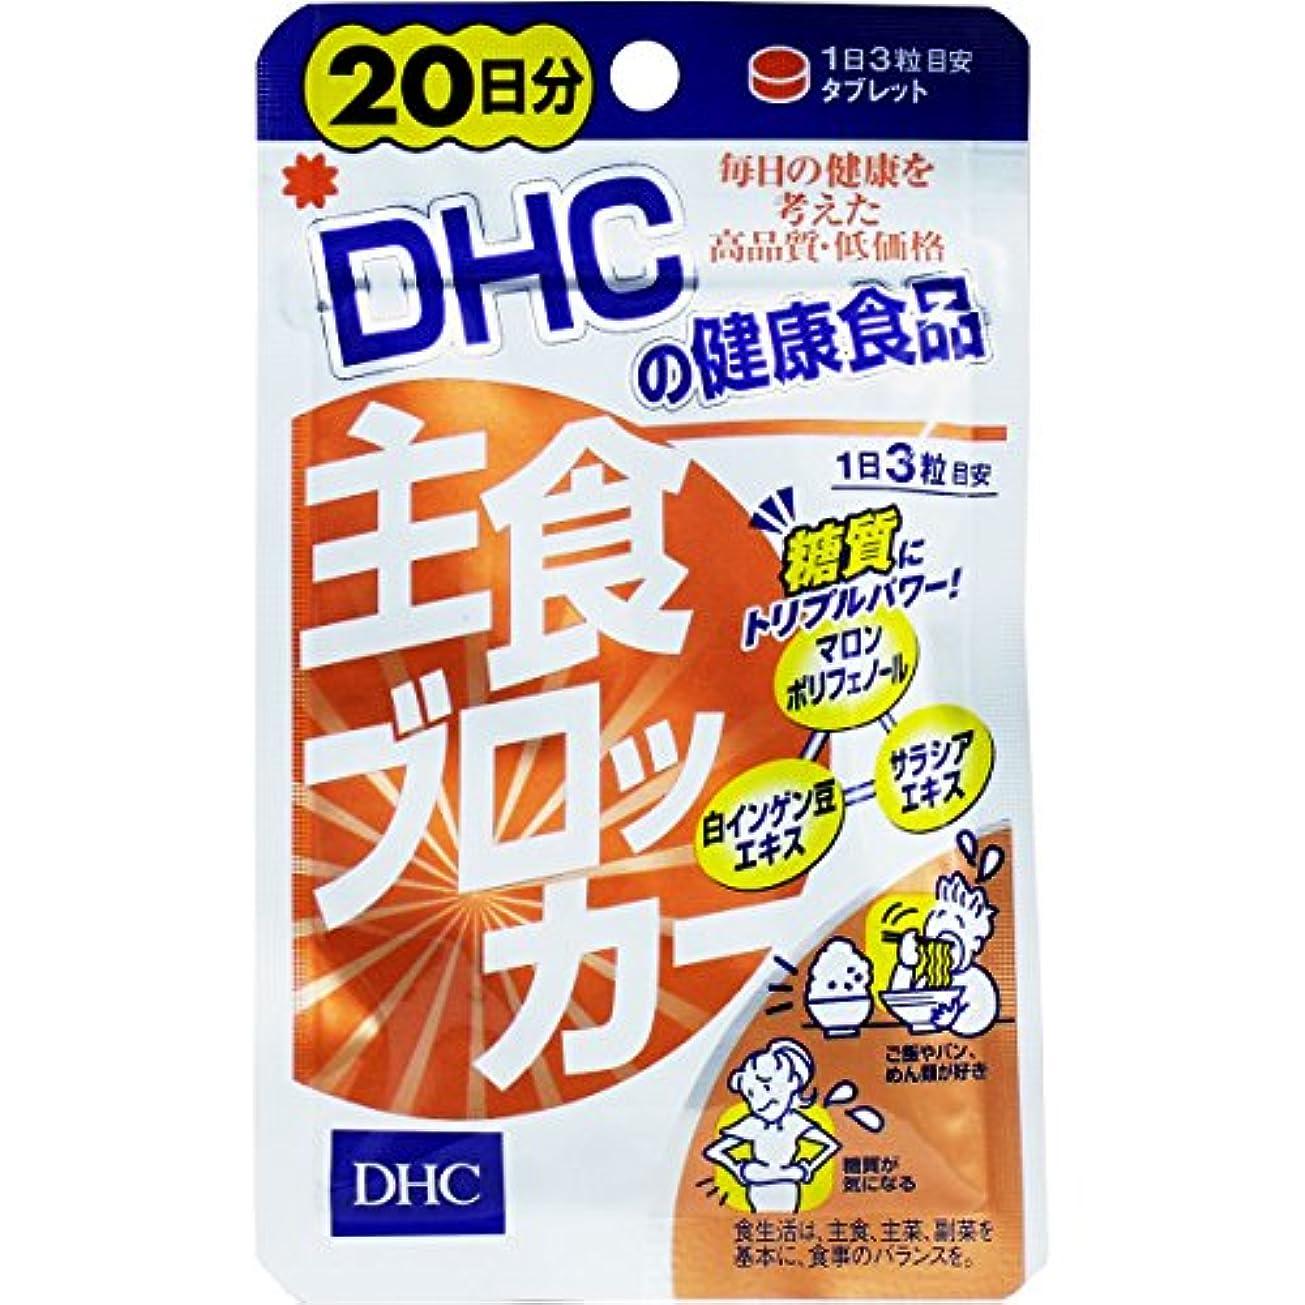 排泄物純度ベッドを作るDHC 主食ブロッカー 20日分 60粒(12g) ×5個セット